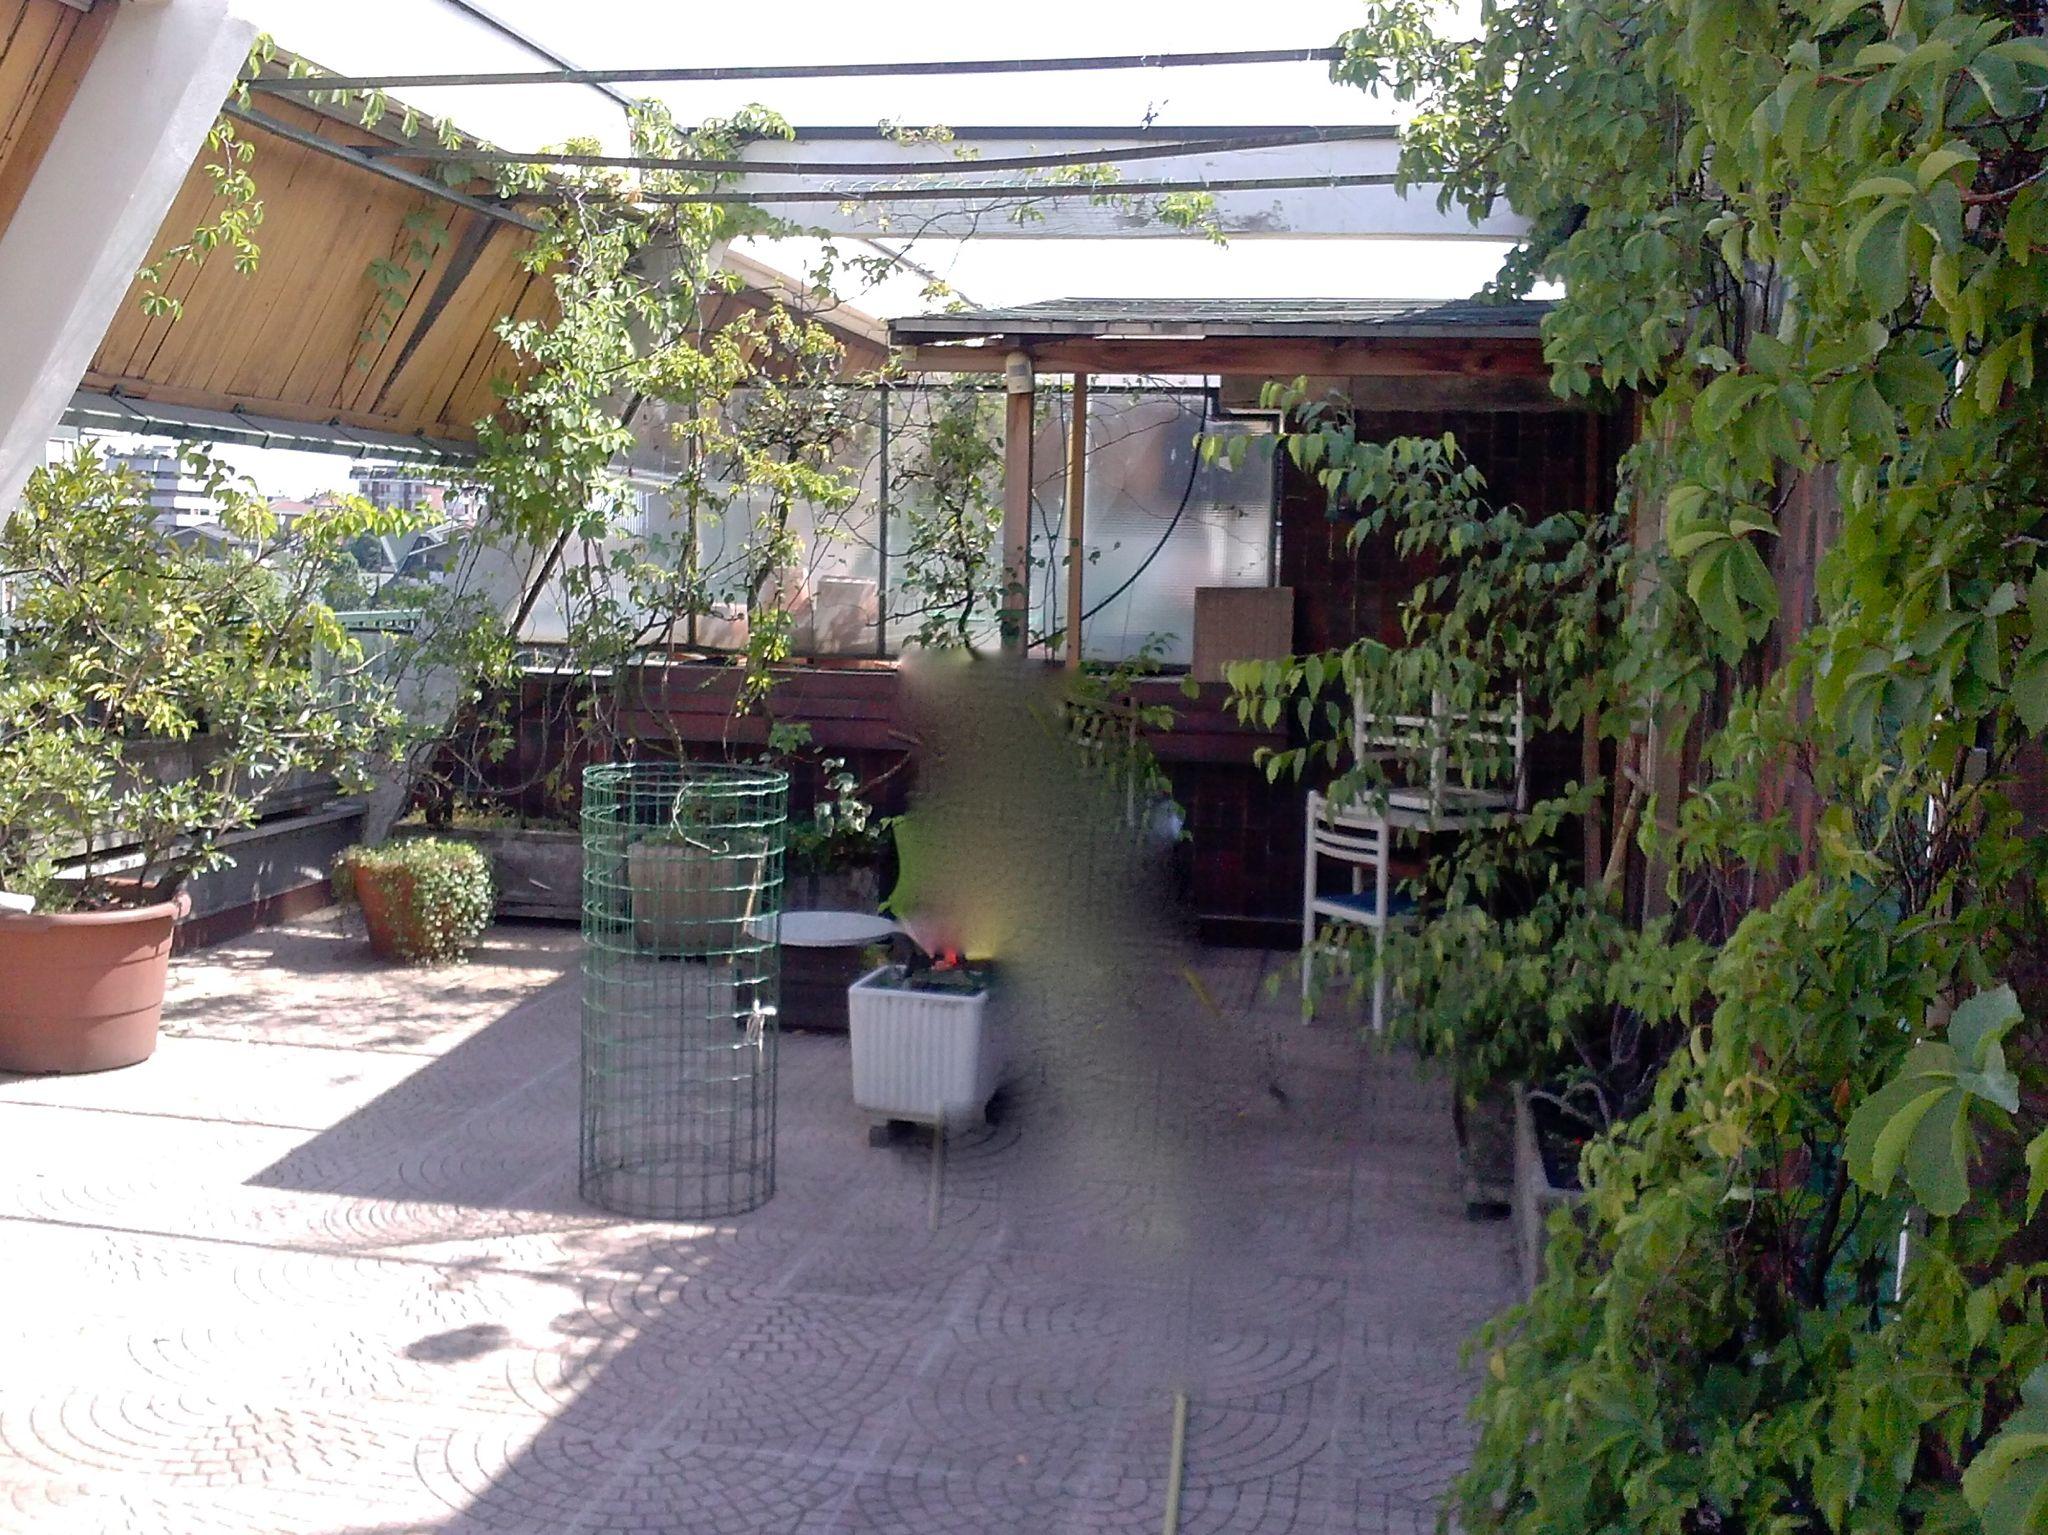 Procida Agente Immobiliare | MILANO SAN SIRO – APPARTAMENTO CON ...